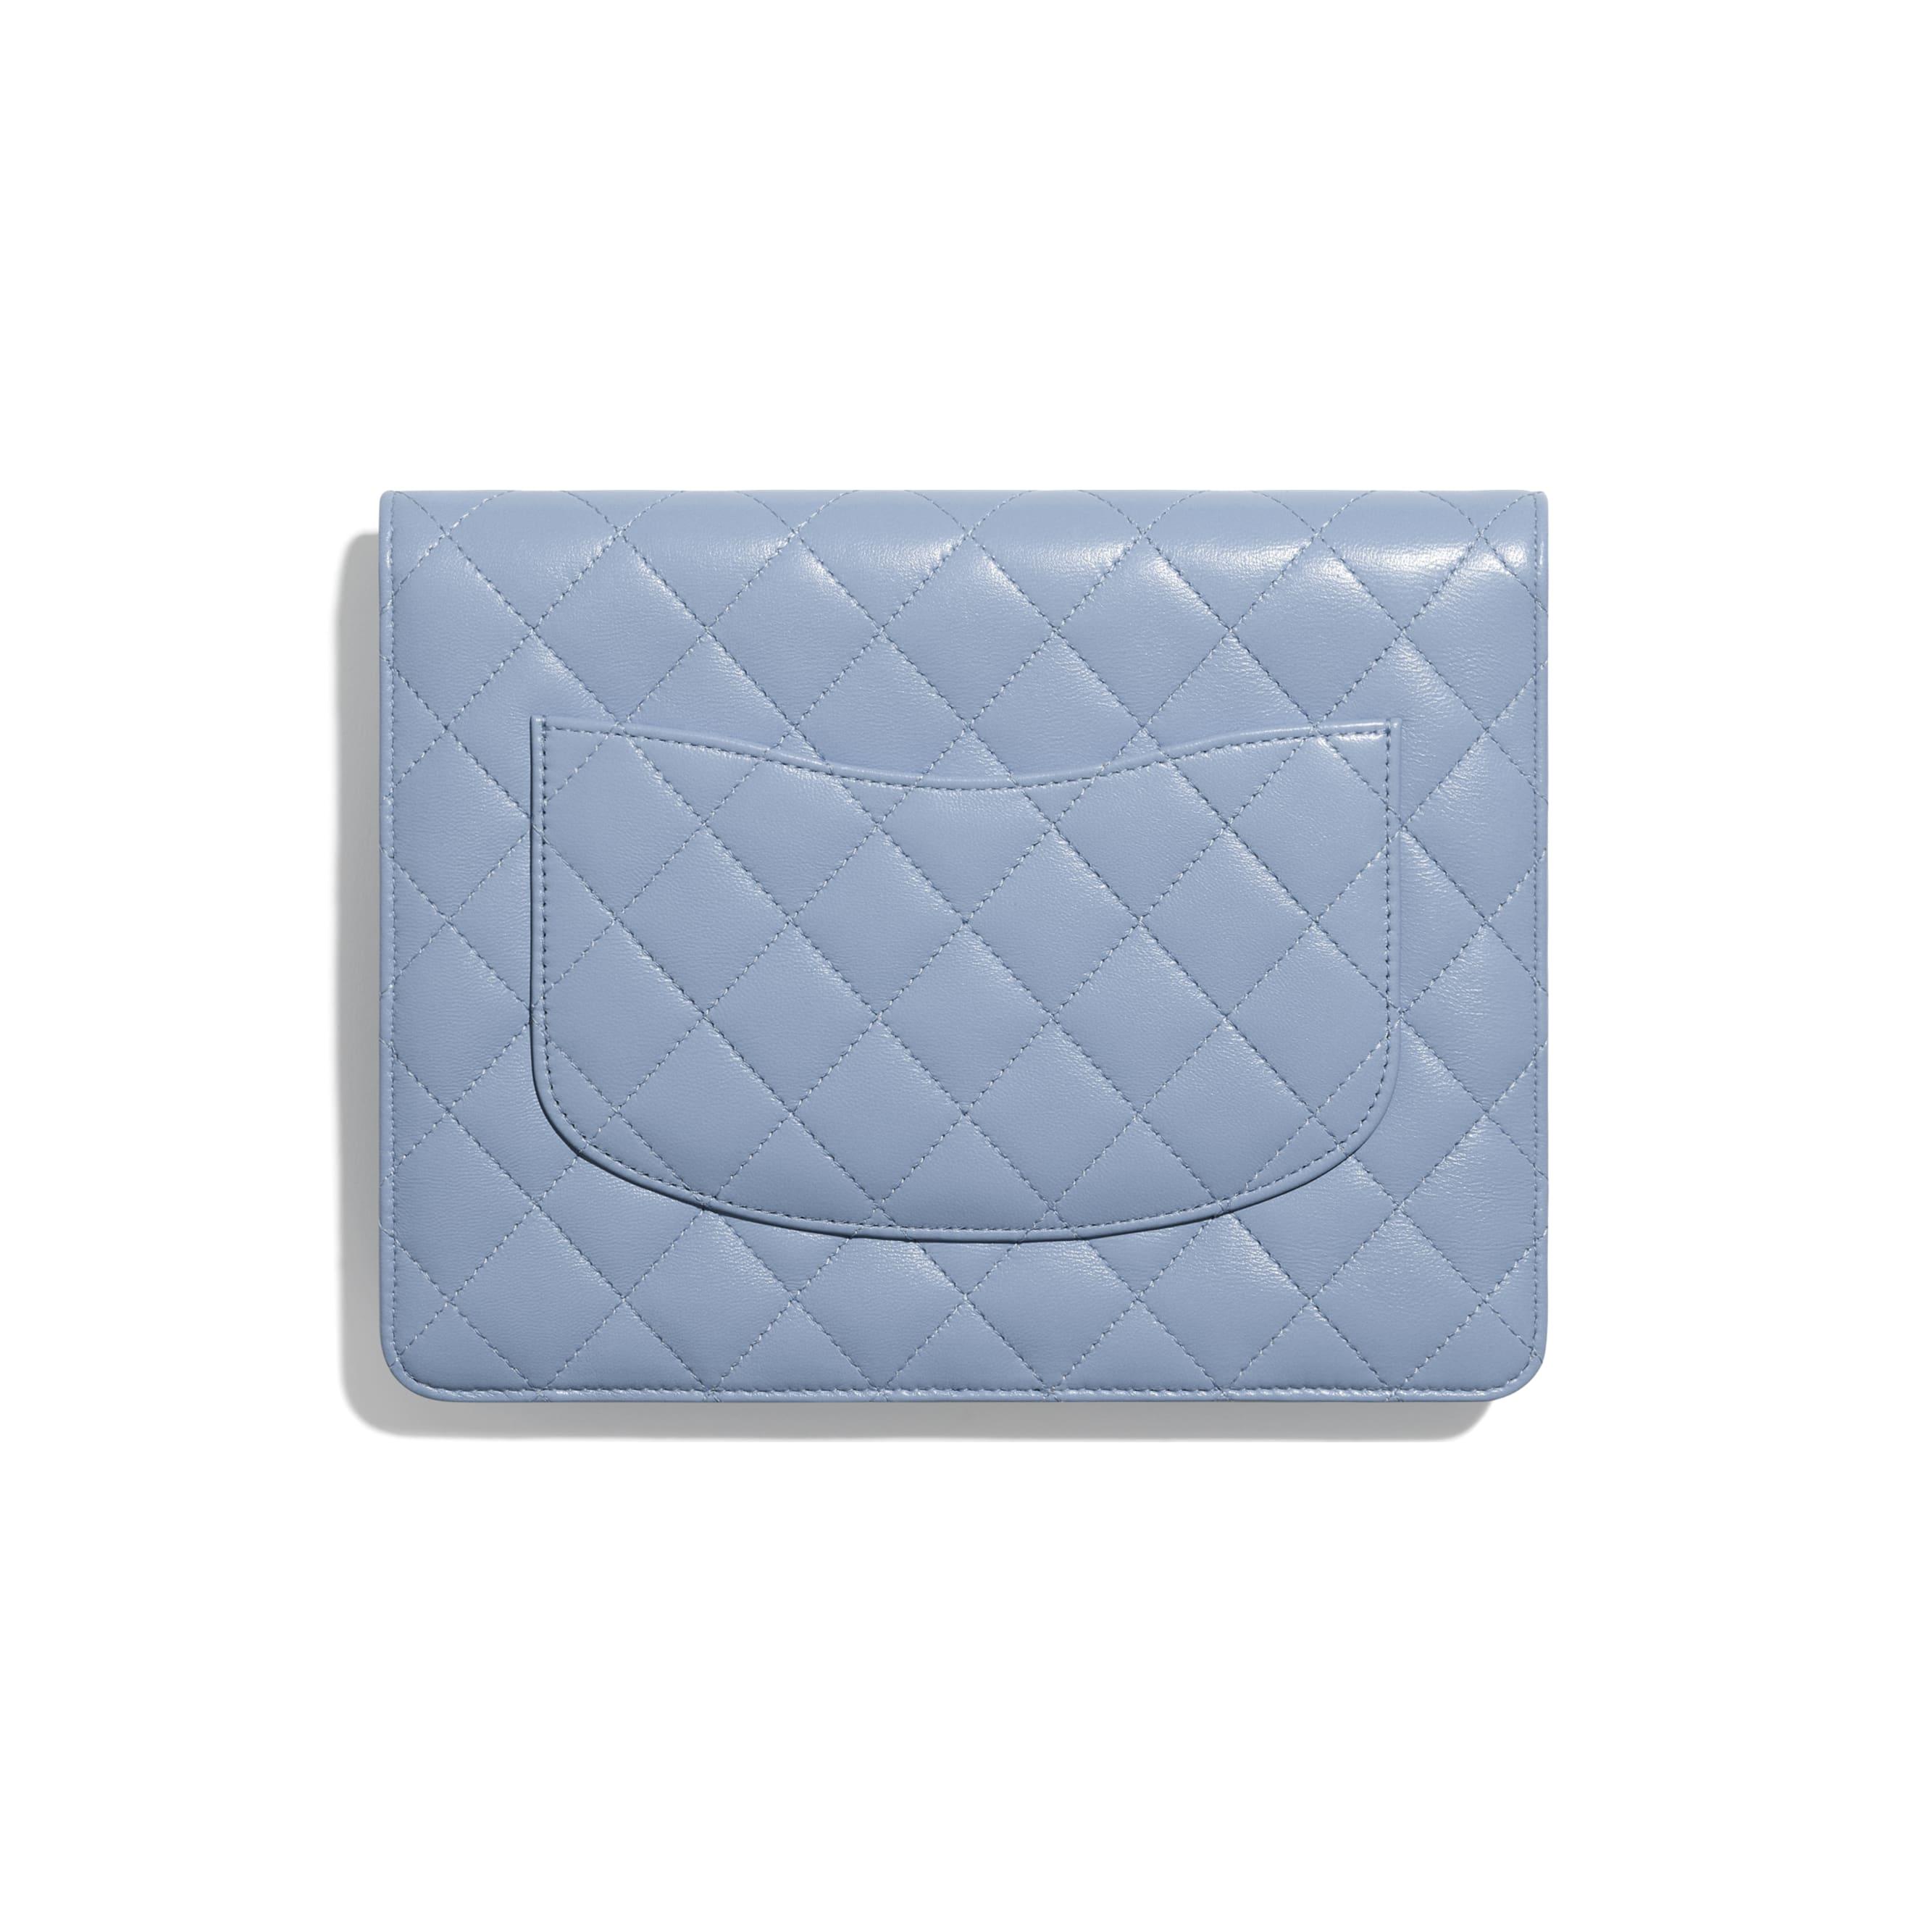 Flap pouch - Hemelsblauw - Lamsleer & goudkleurig metaal - CHANEL - Andere weergave - zie versie op standaardgrootte